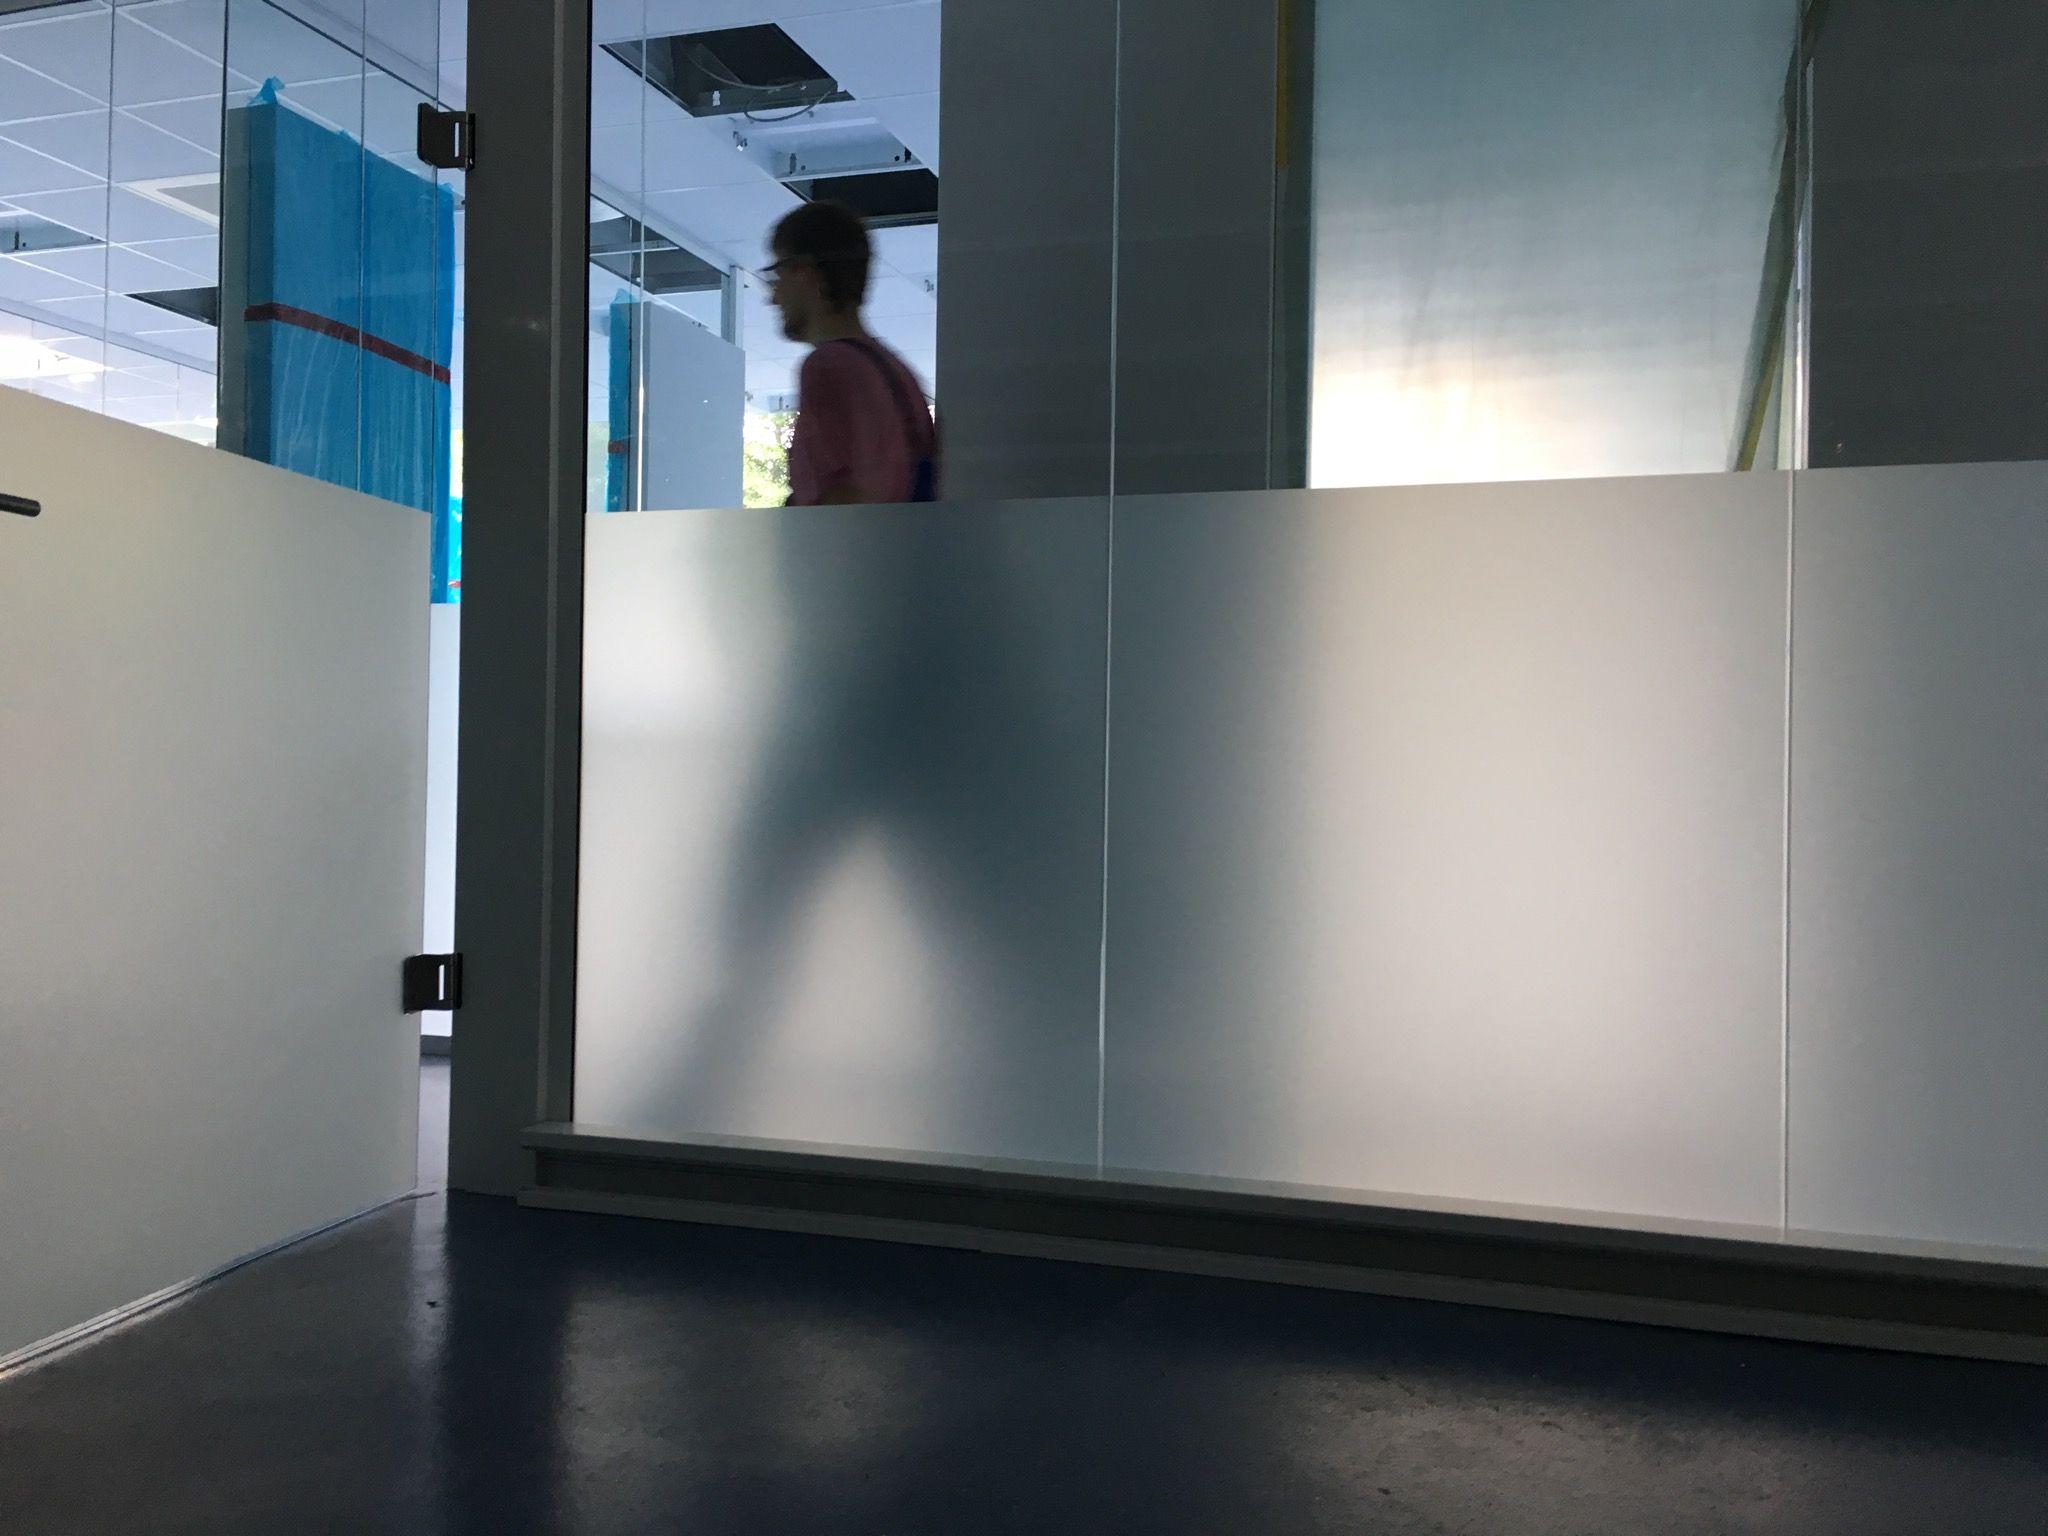 Sichtschutzfolie Auf Glasture Und Glaswande Grossraumburo Buroglas